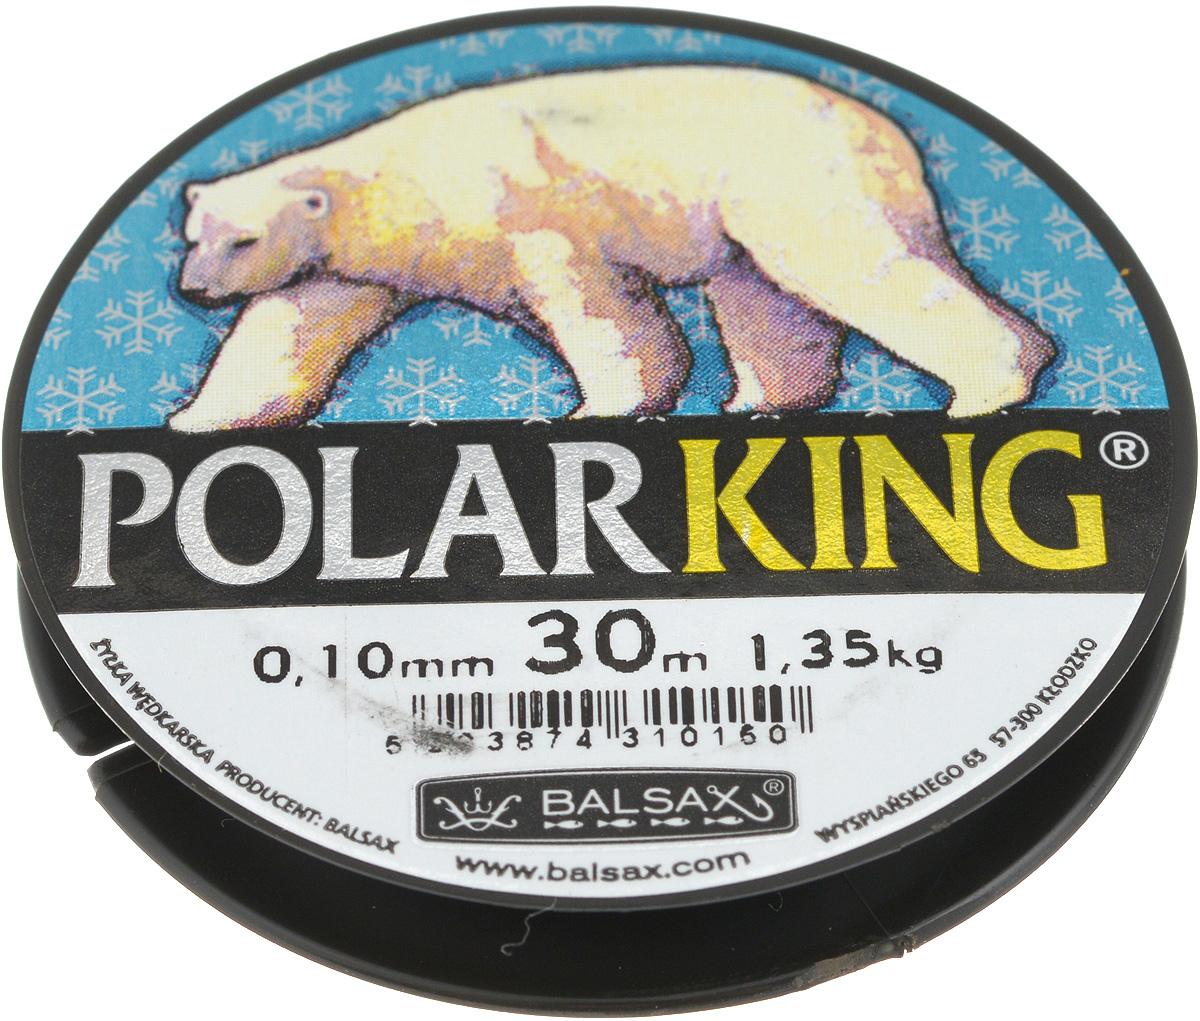 Леска зимняя Balsax Polar King, 30 м, 0,10 мм, 1,35 кгVK21116Леска Balsax Polar King изготовлена из 100% нейлона и очень хорошо выдерживает низкие температуры. Даже в самом холодном климате, при температуре вплоть до -40°C, она сохраняет свои свойства практически без изменений, в то время как традиционные лески становятся менее эластичными и теряют прочность.Поверхность лески обработана таким образом, что она не обмерзает и отлично подходит для подледного лова. Прочна в местах вязки узлов даже при минимальном диаметре.